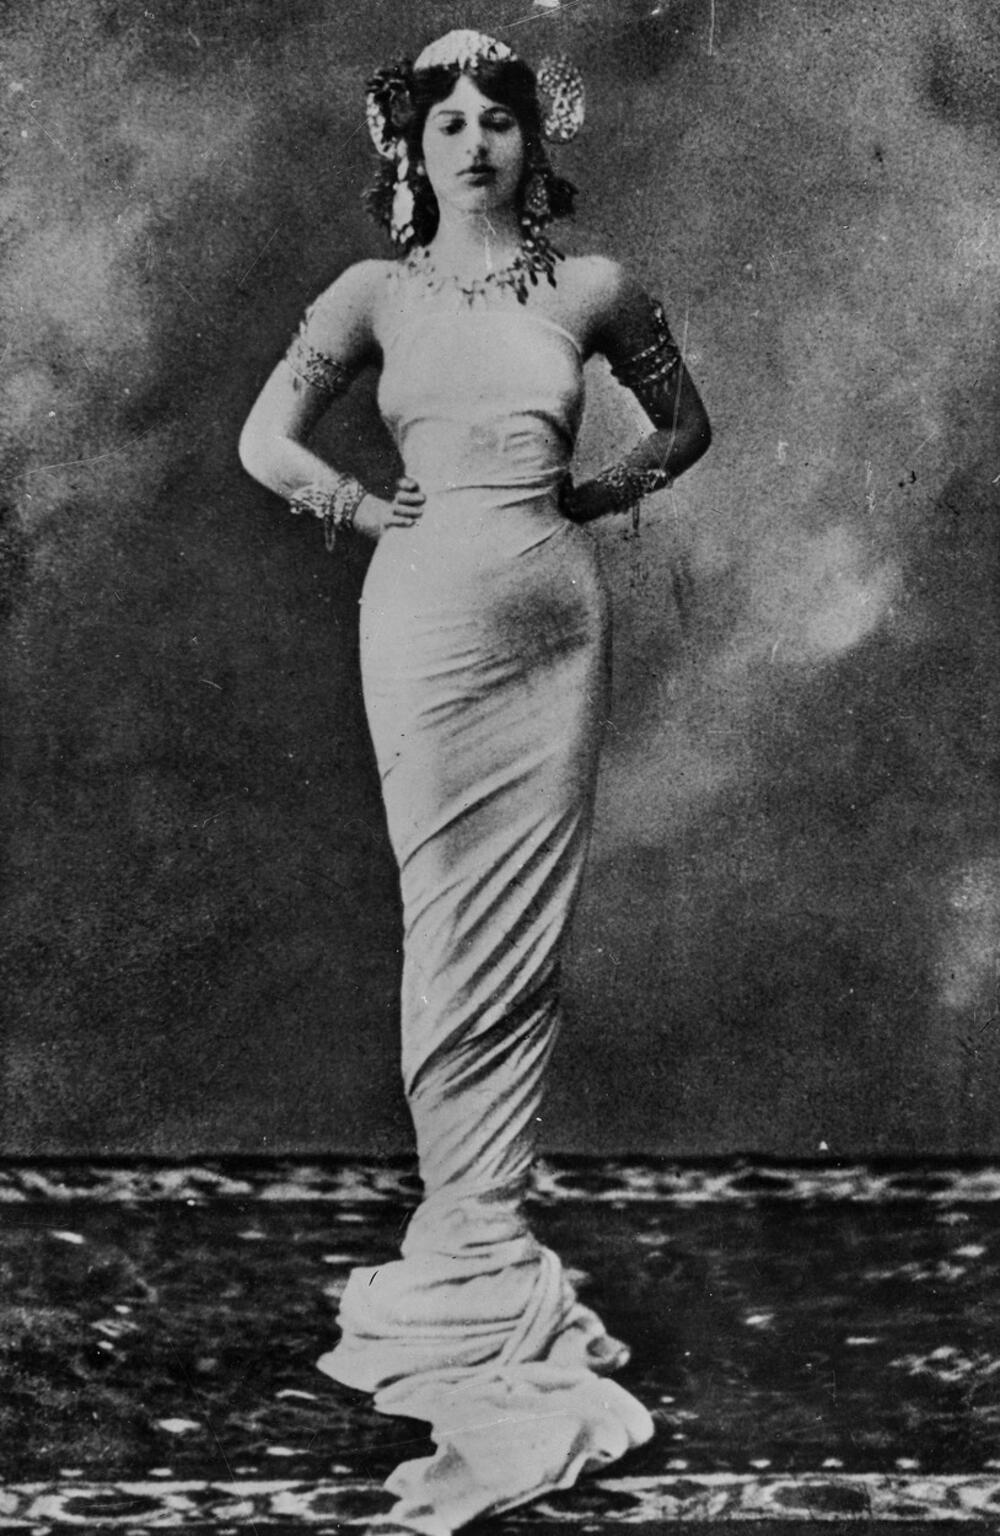 <p>Bila je igračica i kurtizana, kružile su glasine i da je i nemačka špijunka, zbog čega je oktobra 1917. streljana</p>